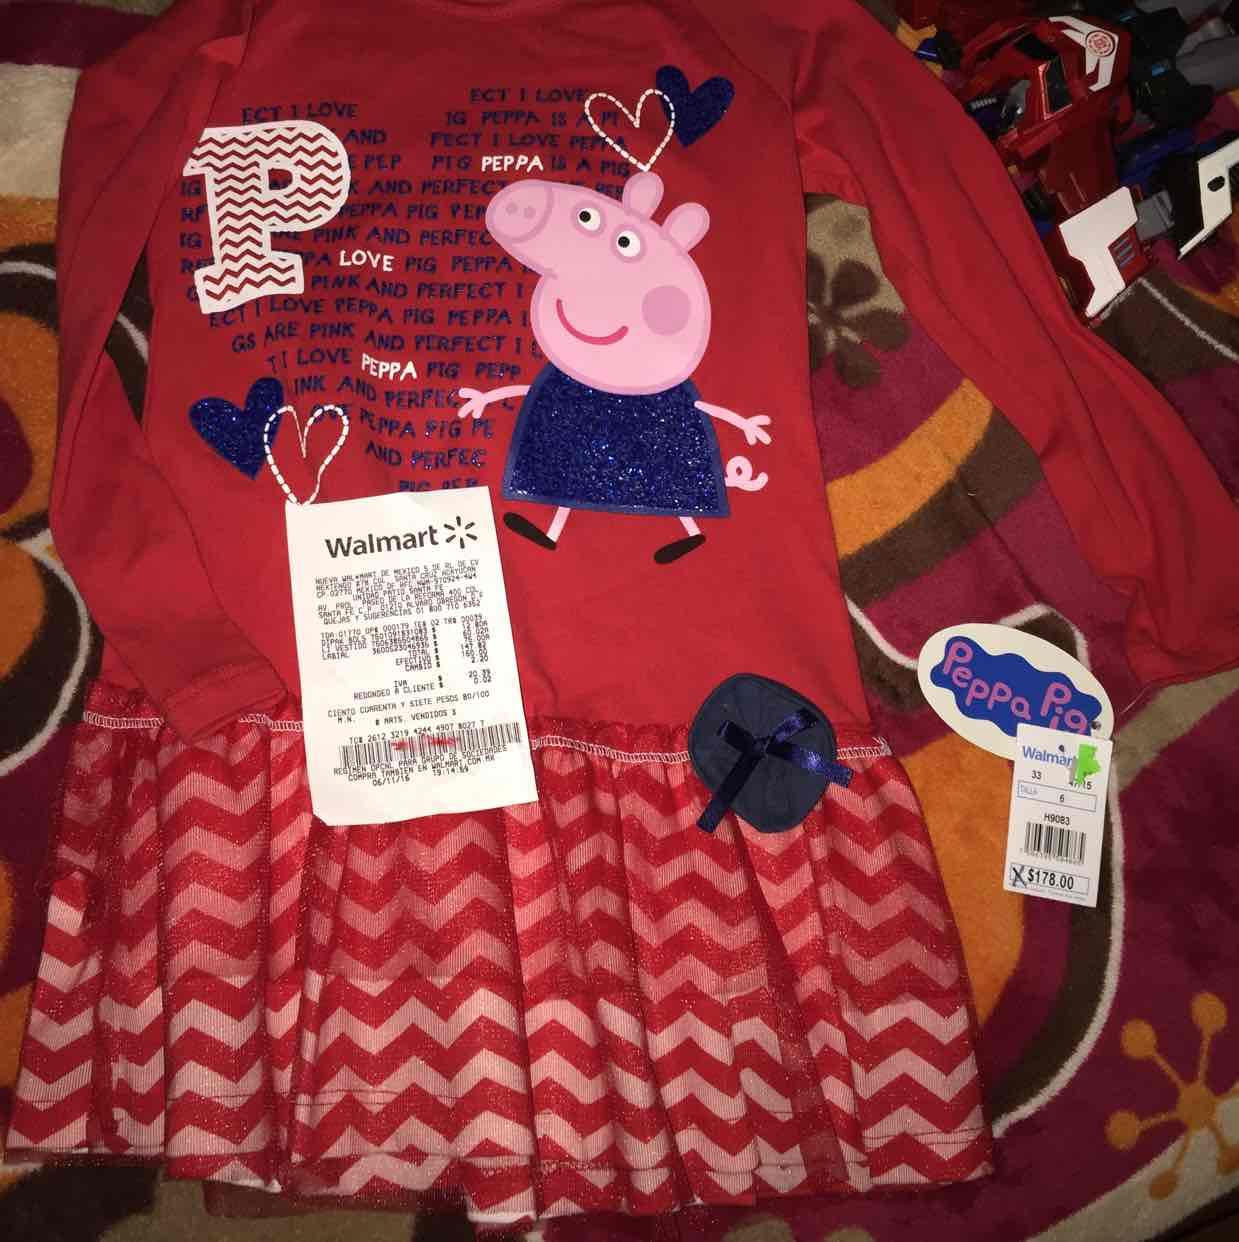 Walmart: patio Santa fe: vestidito Peppa pig a $60